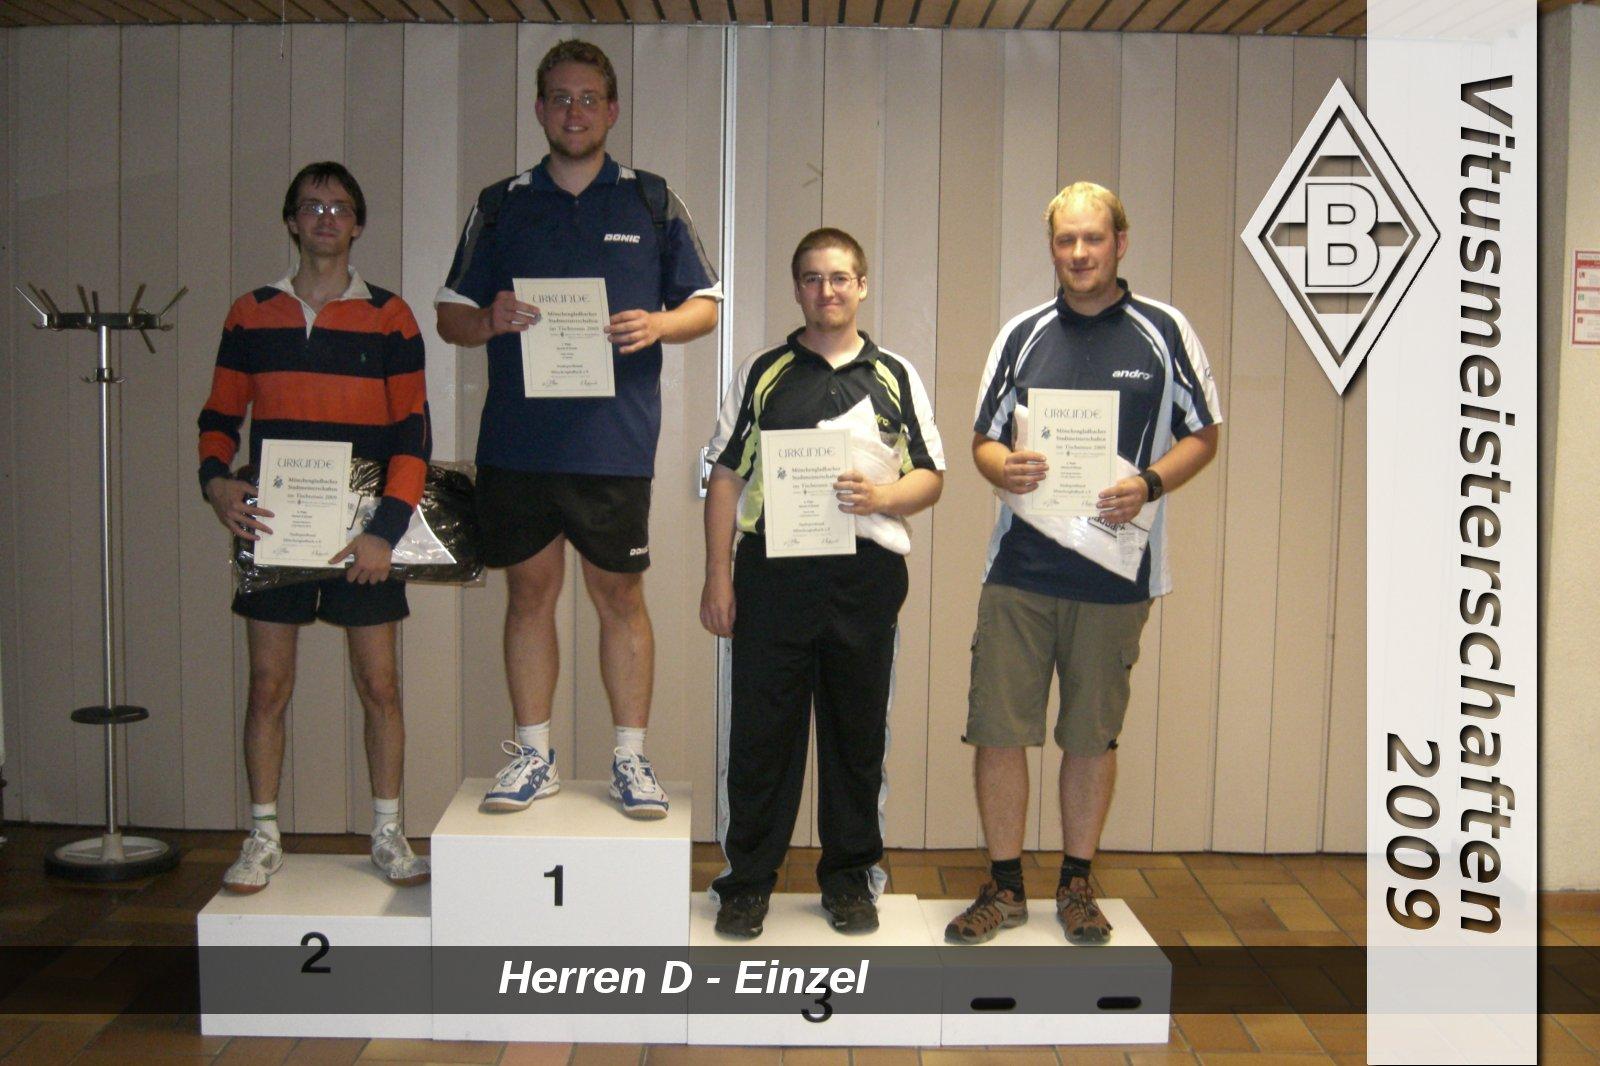 VM2009-HerrenD-Einzel